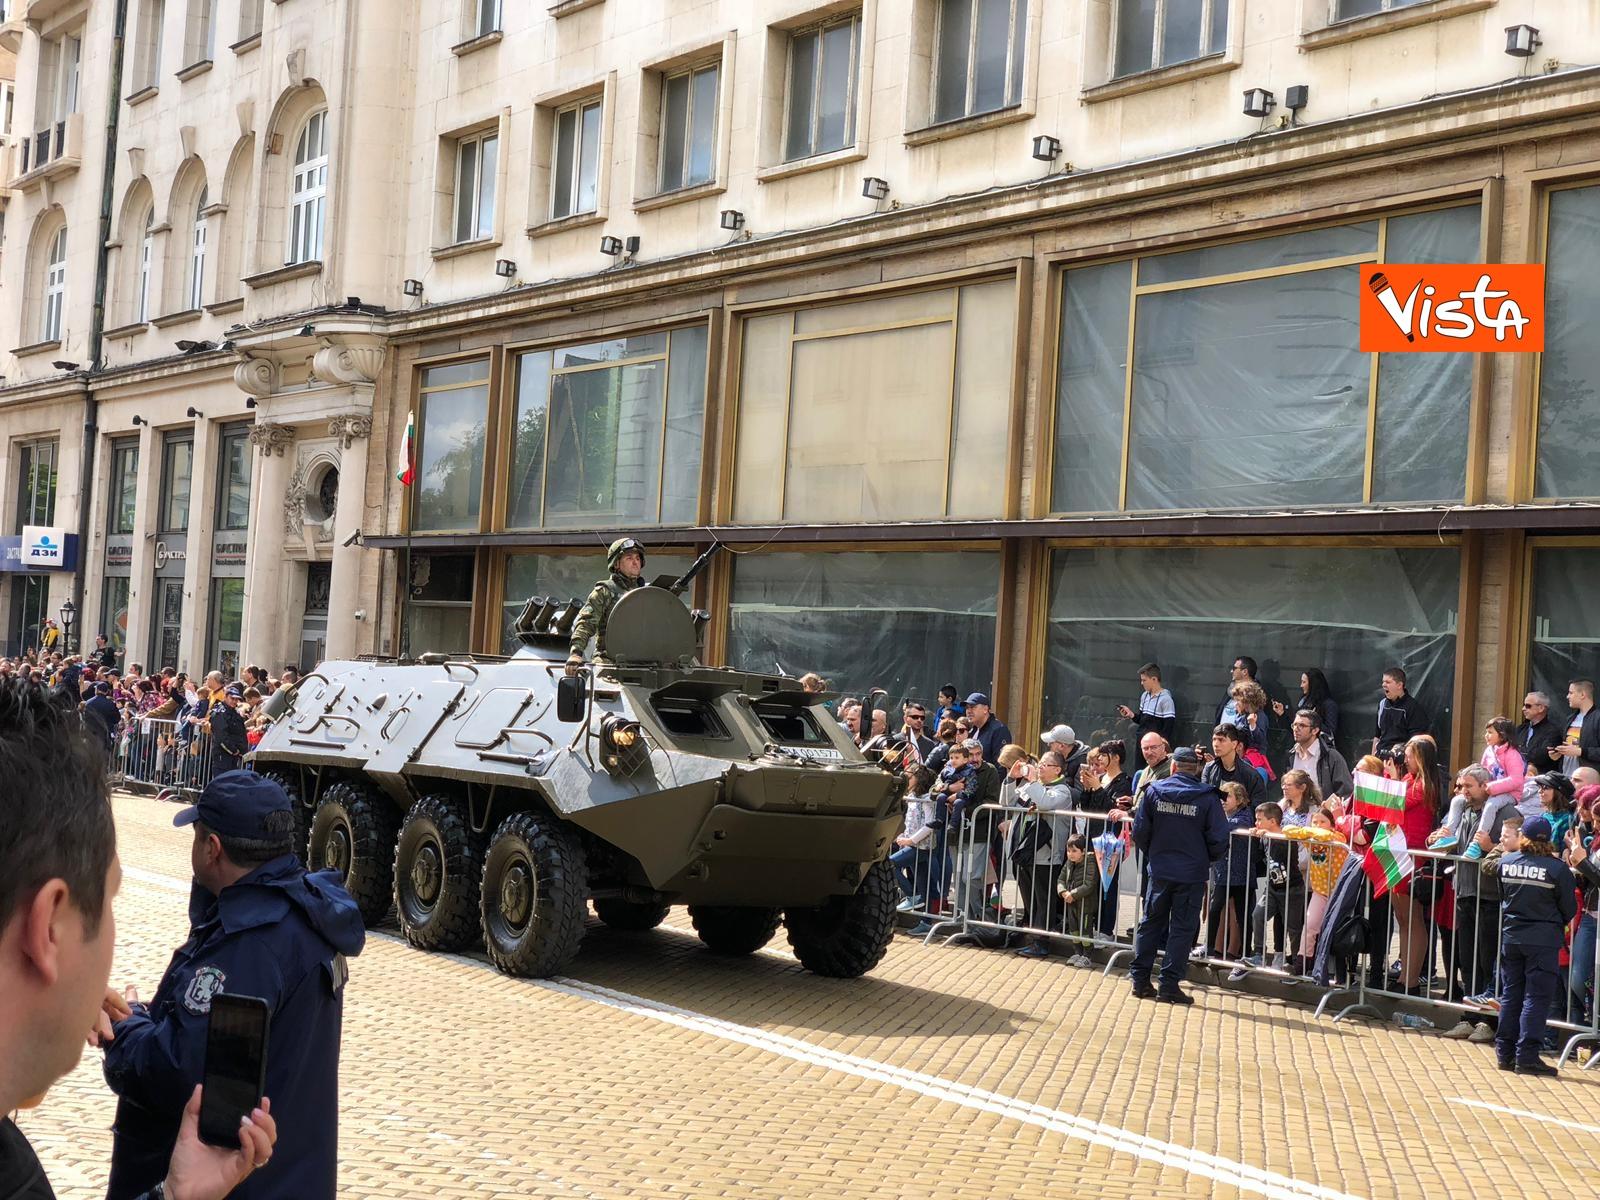 06-05-19 La parata militare a Sofia per la festa dell esercito in occasione di San Giorgio_11